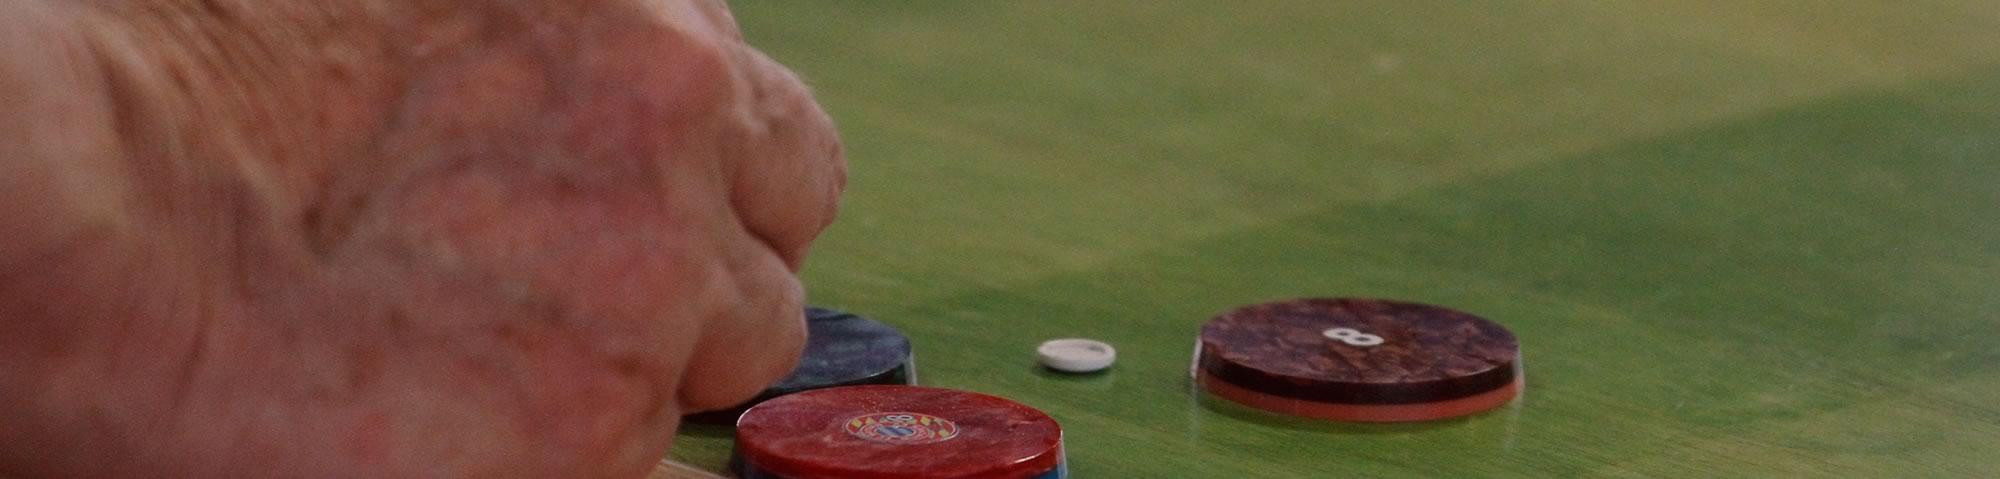 Futebol de botão em Ibiúna